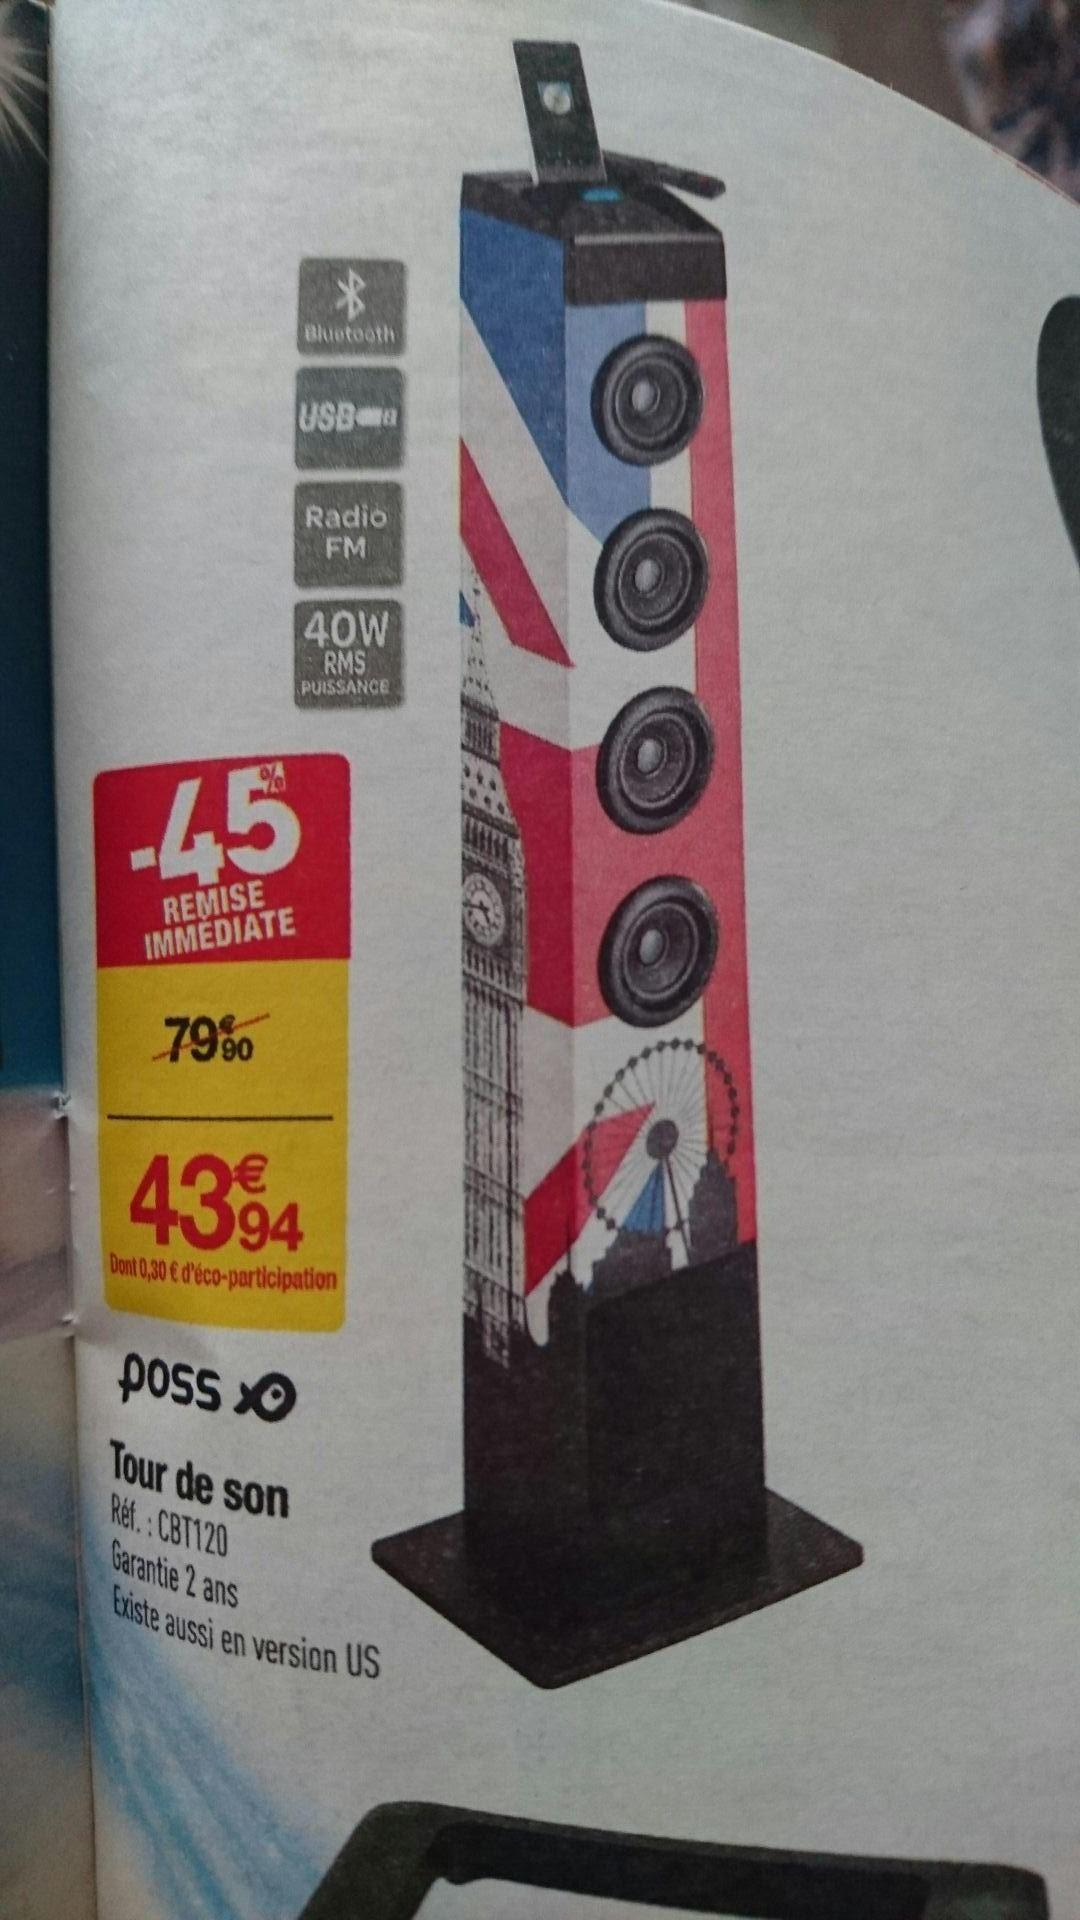 Tour de son Bluetooth Poss - 40 W